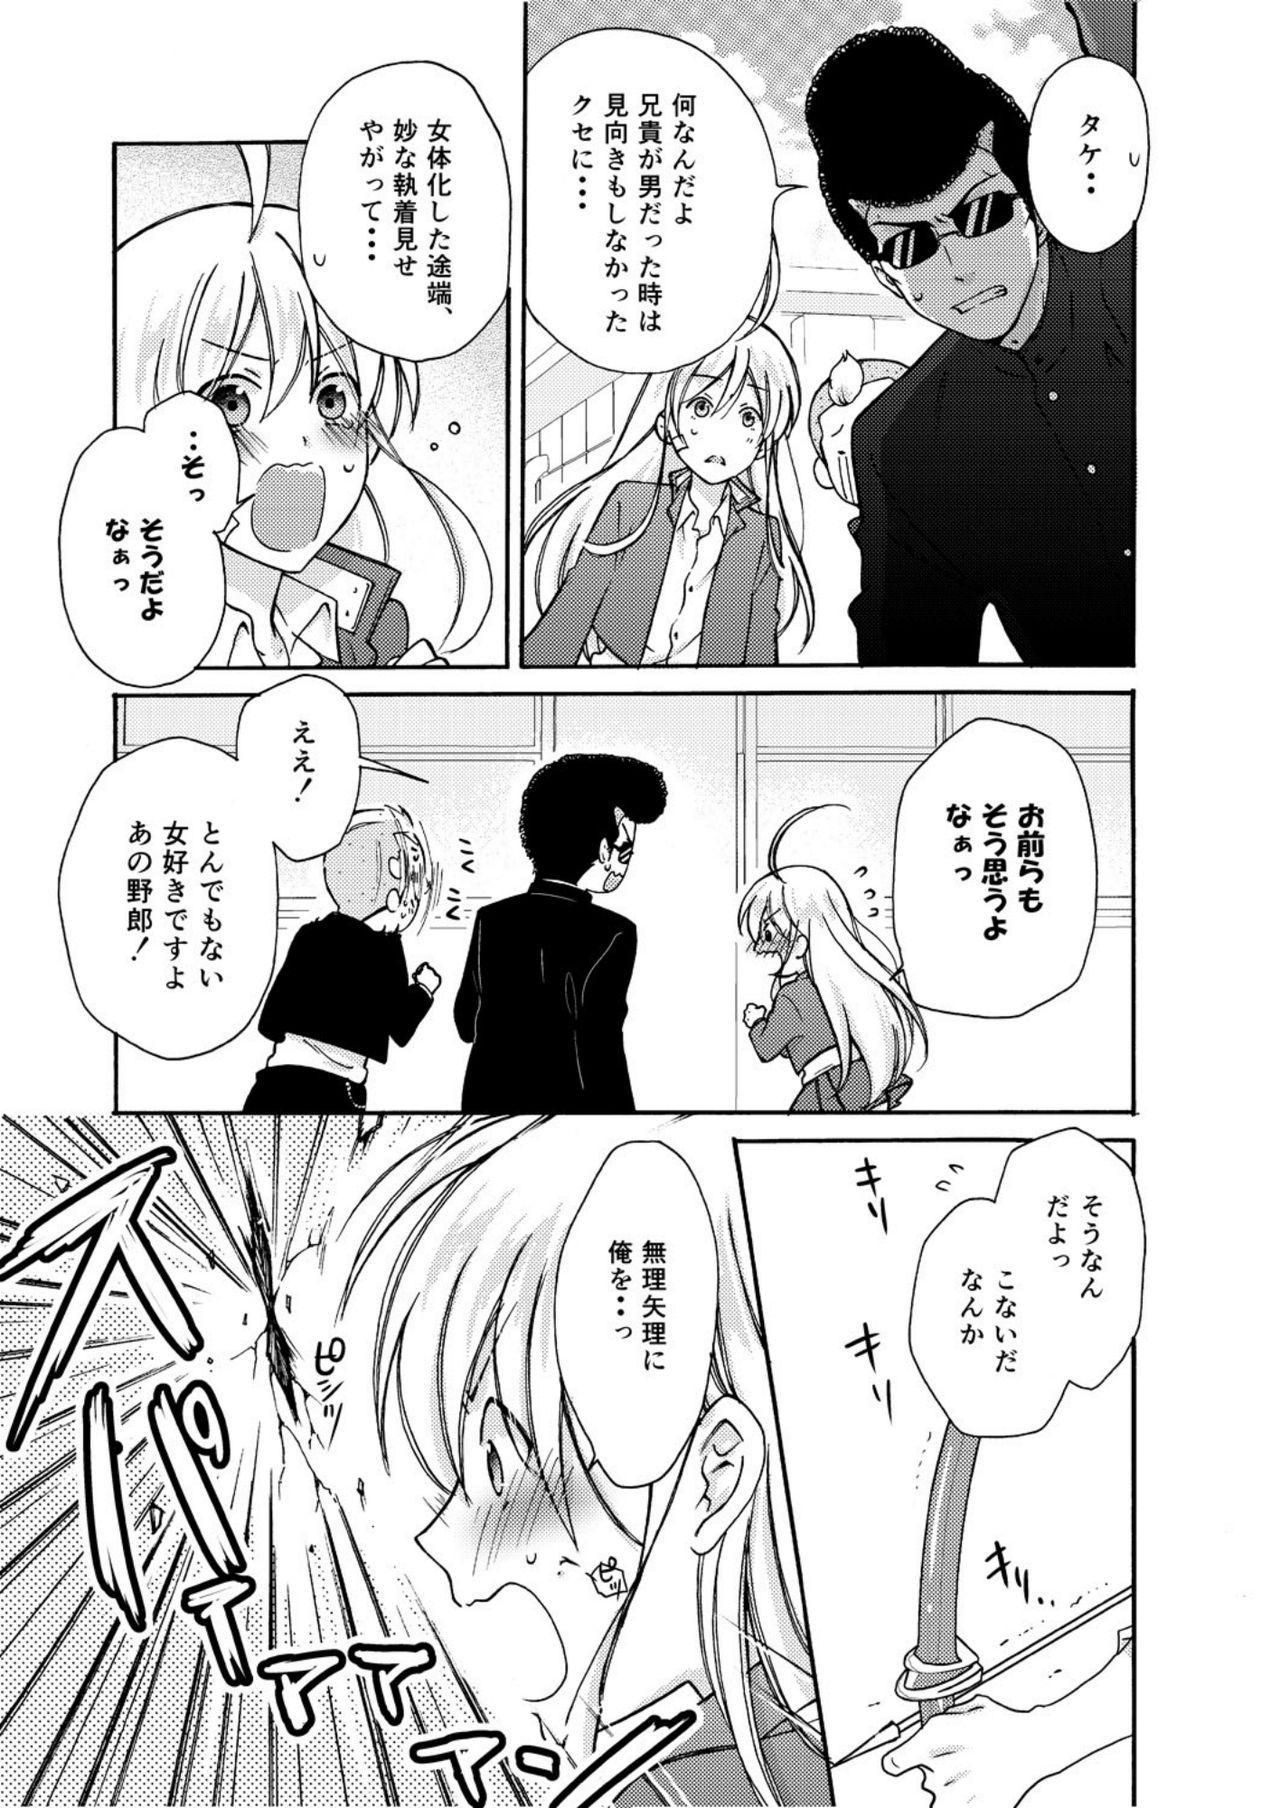 Nyotaika Yankee Gakuen ☆ Ore no Hajimete, Nerawaretemasu. 5 3